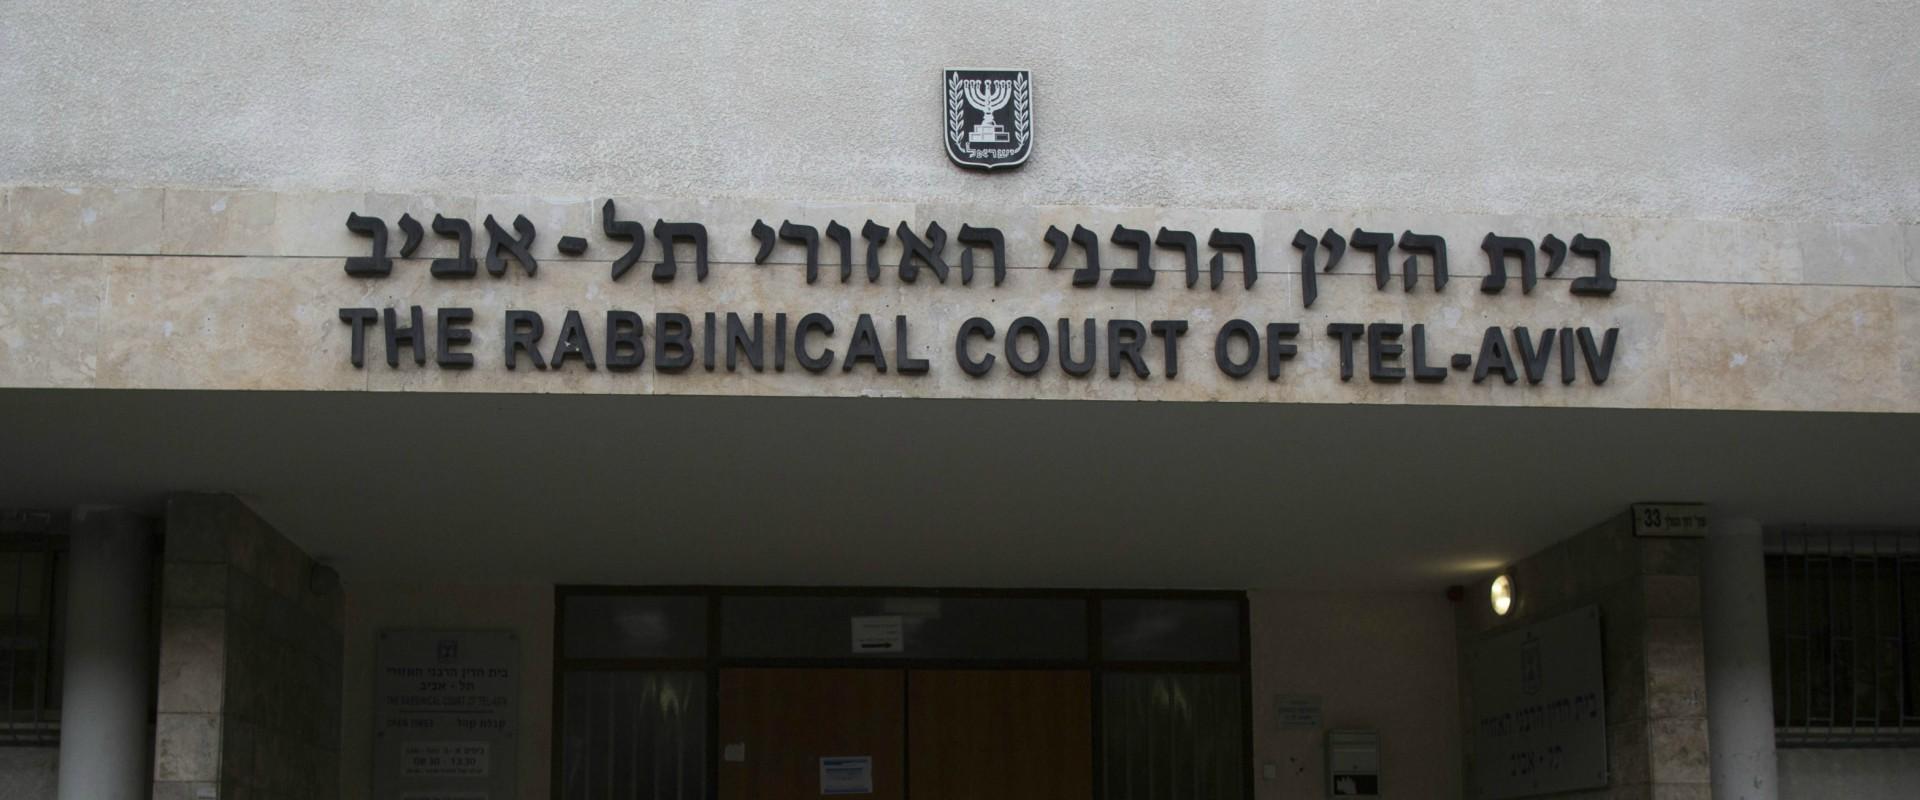 בית הדין הרבני בתל אביב